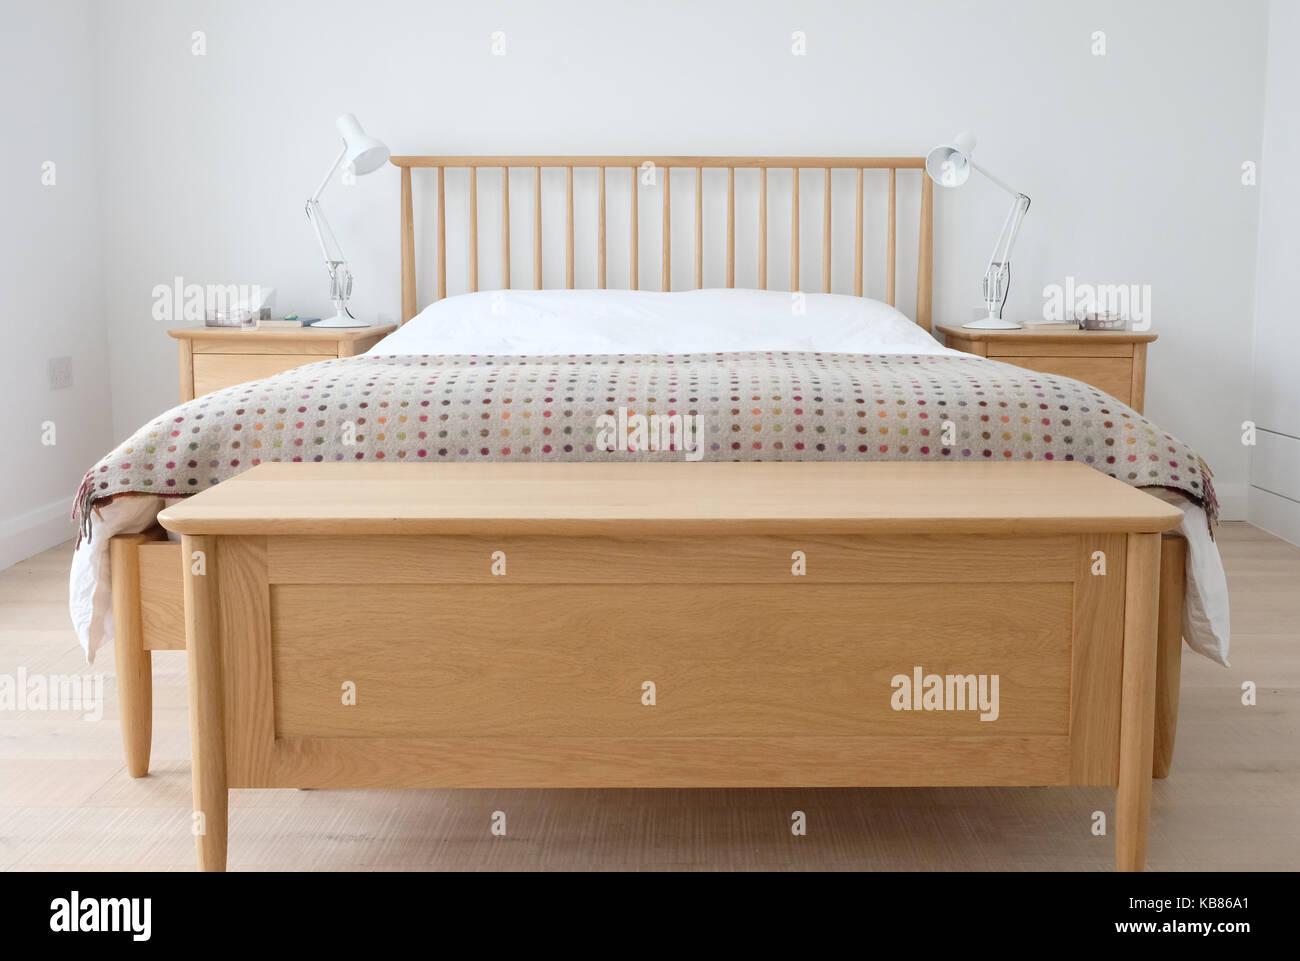 chambre d inspiration scandinave montrant l interieur meubles de chambre a coucher en bois murs peints en blanc des draps blancs et une couverture coloree